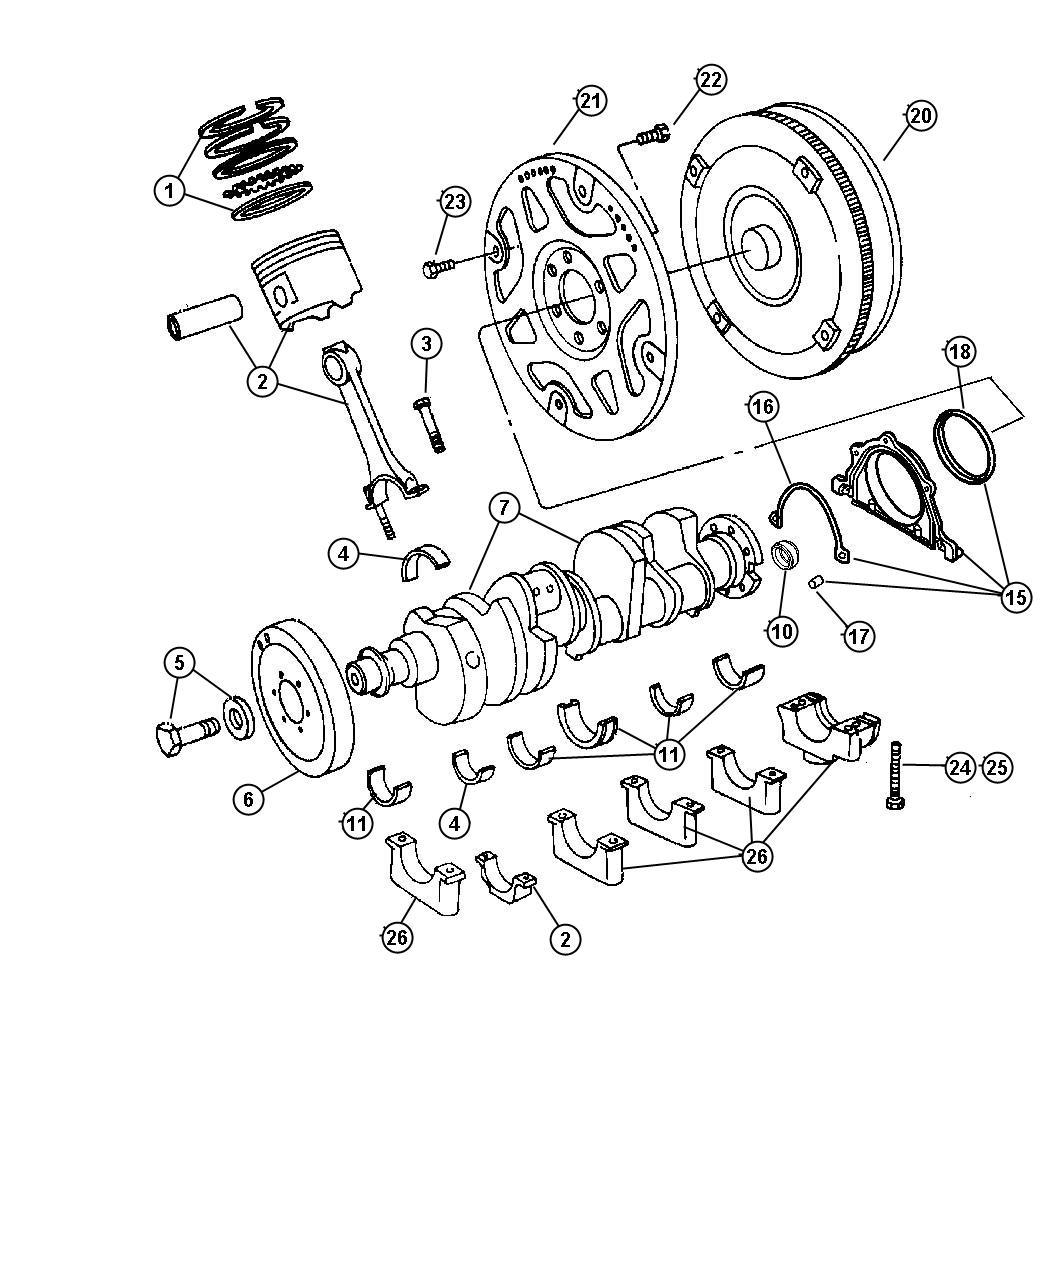 Chrysler 300 Damper Crankshaft Engine Electrical